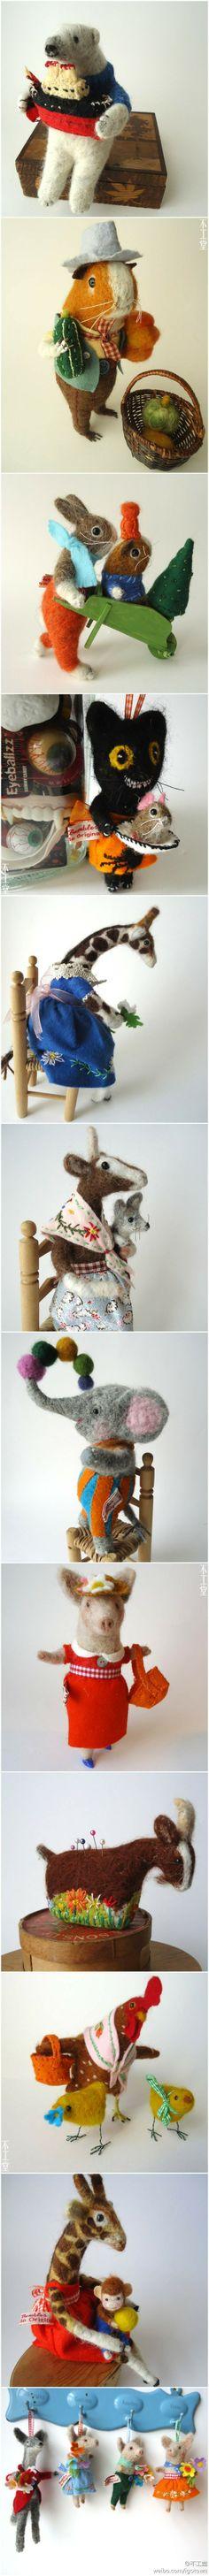 如果用像还是不像来评价,也许Miss Bumbles的这些羊毛毡小玩偶算不上优秀,但是它们的可爱以及富有生活气息的特质却是其他类似作品所不具备的。感谢@Cheerylan J J 的推荐!